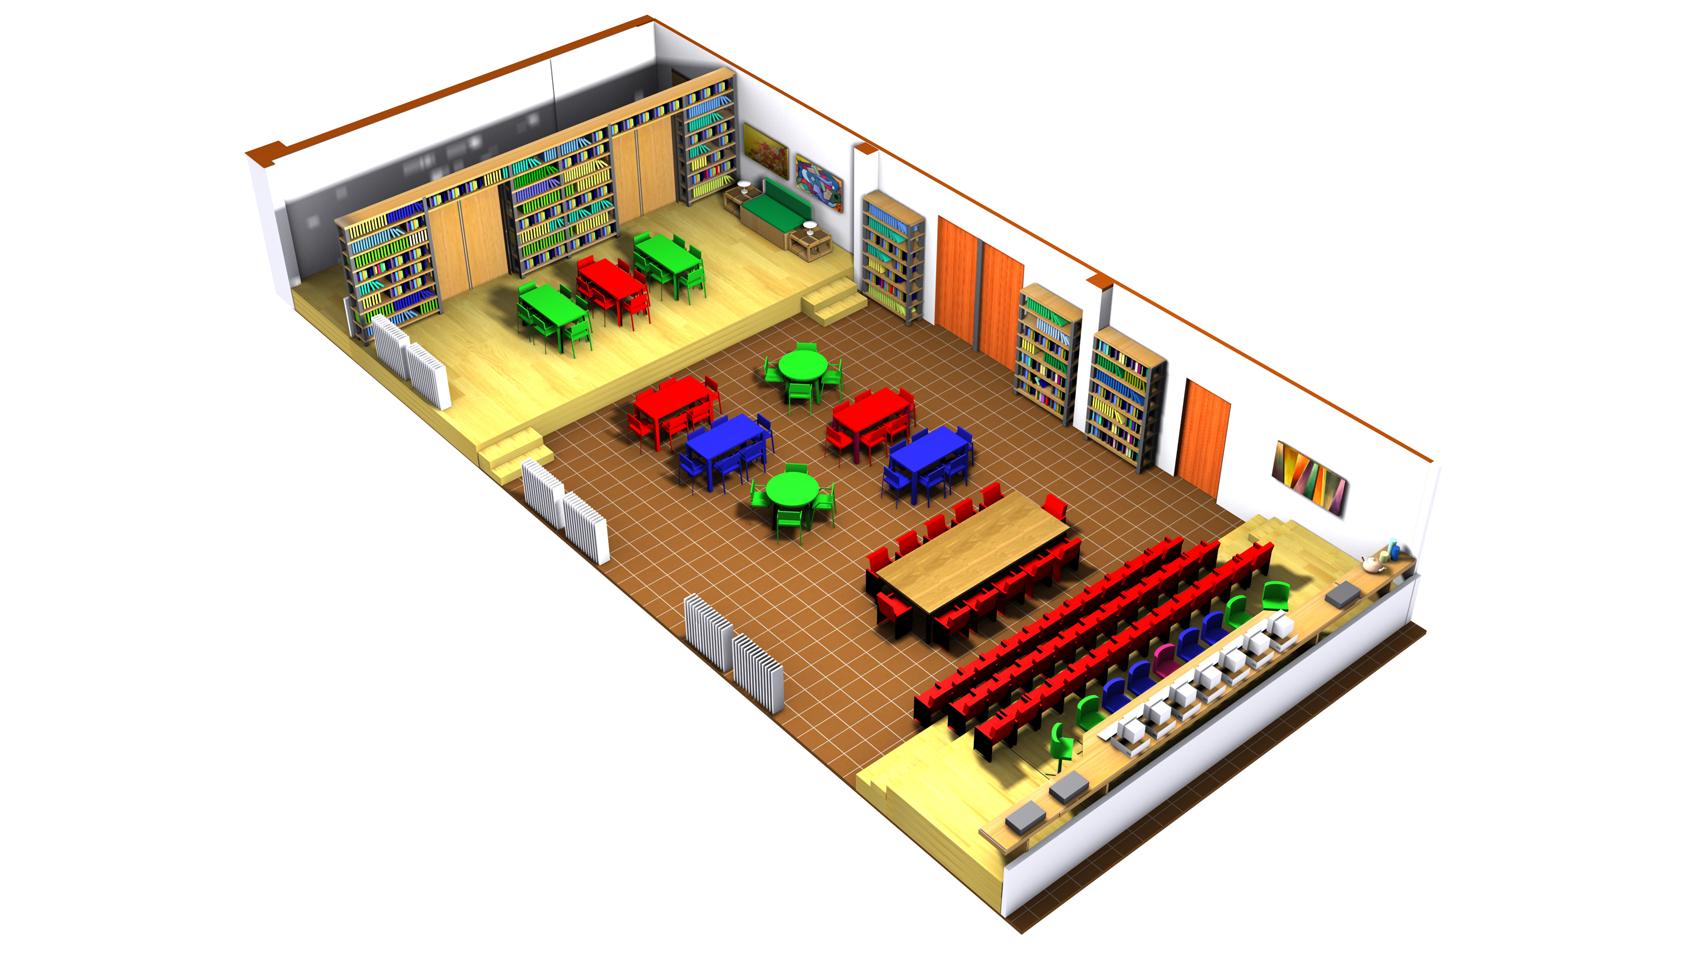 Μετά τον ανασχεδιασμό: σχολική βιβλιοθήκη και μελέτη ...